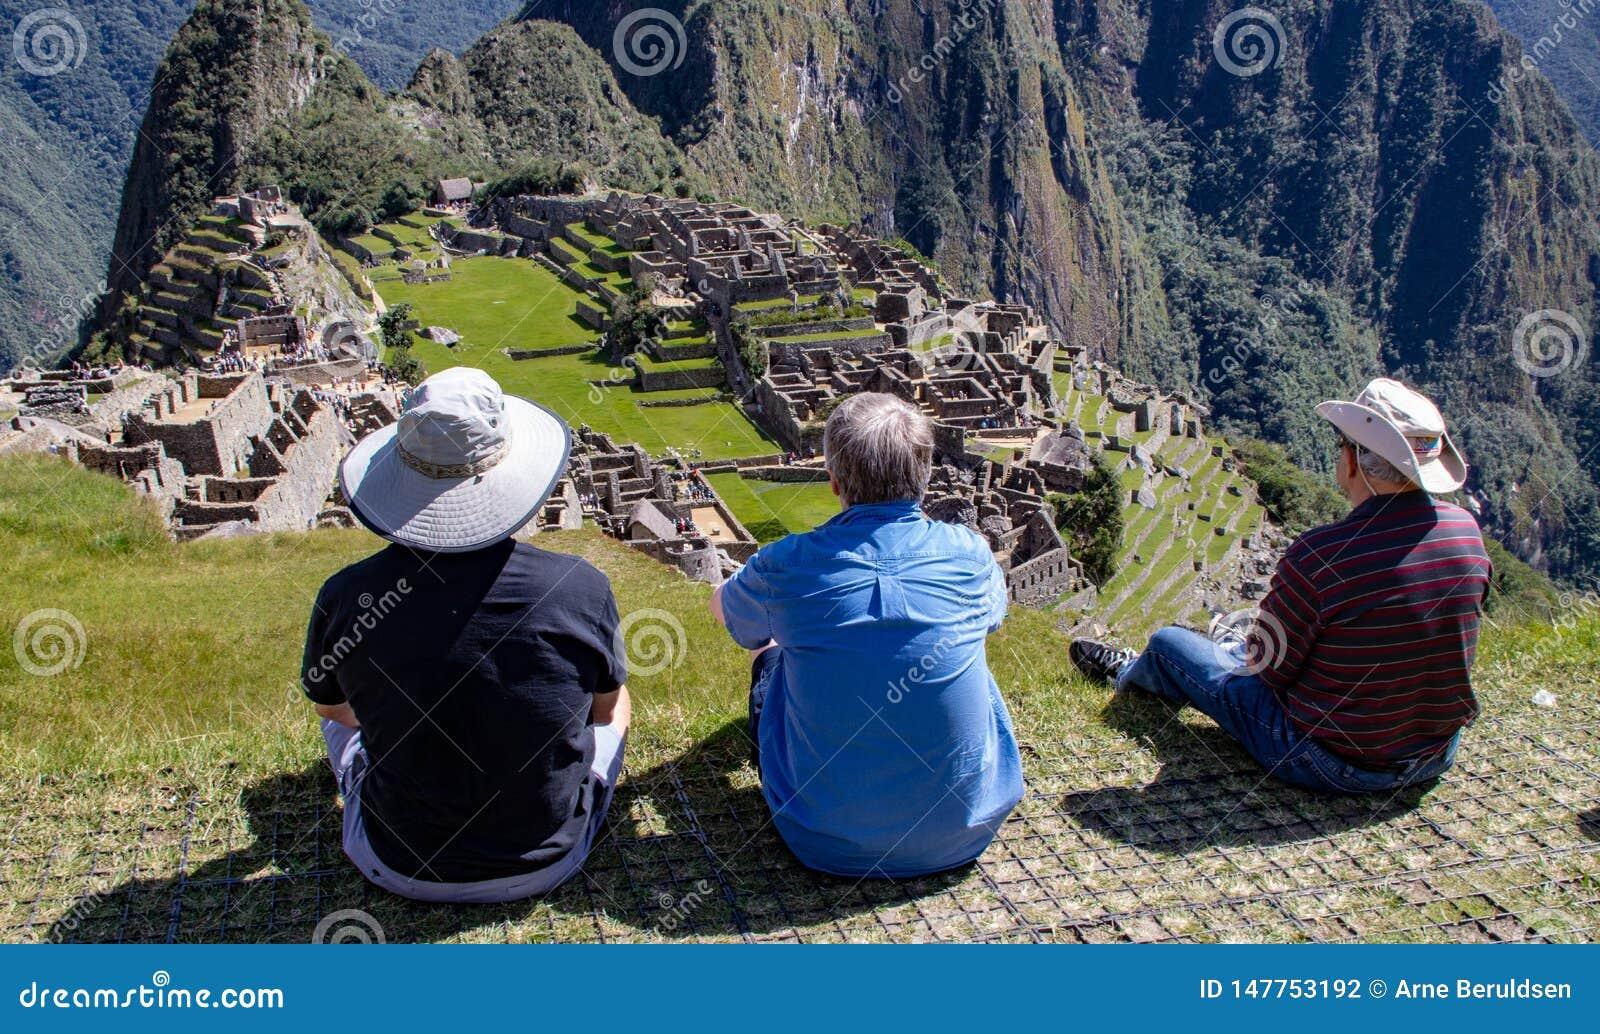 The Inca Ruins at Machu Picchu